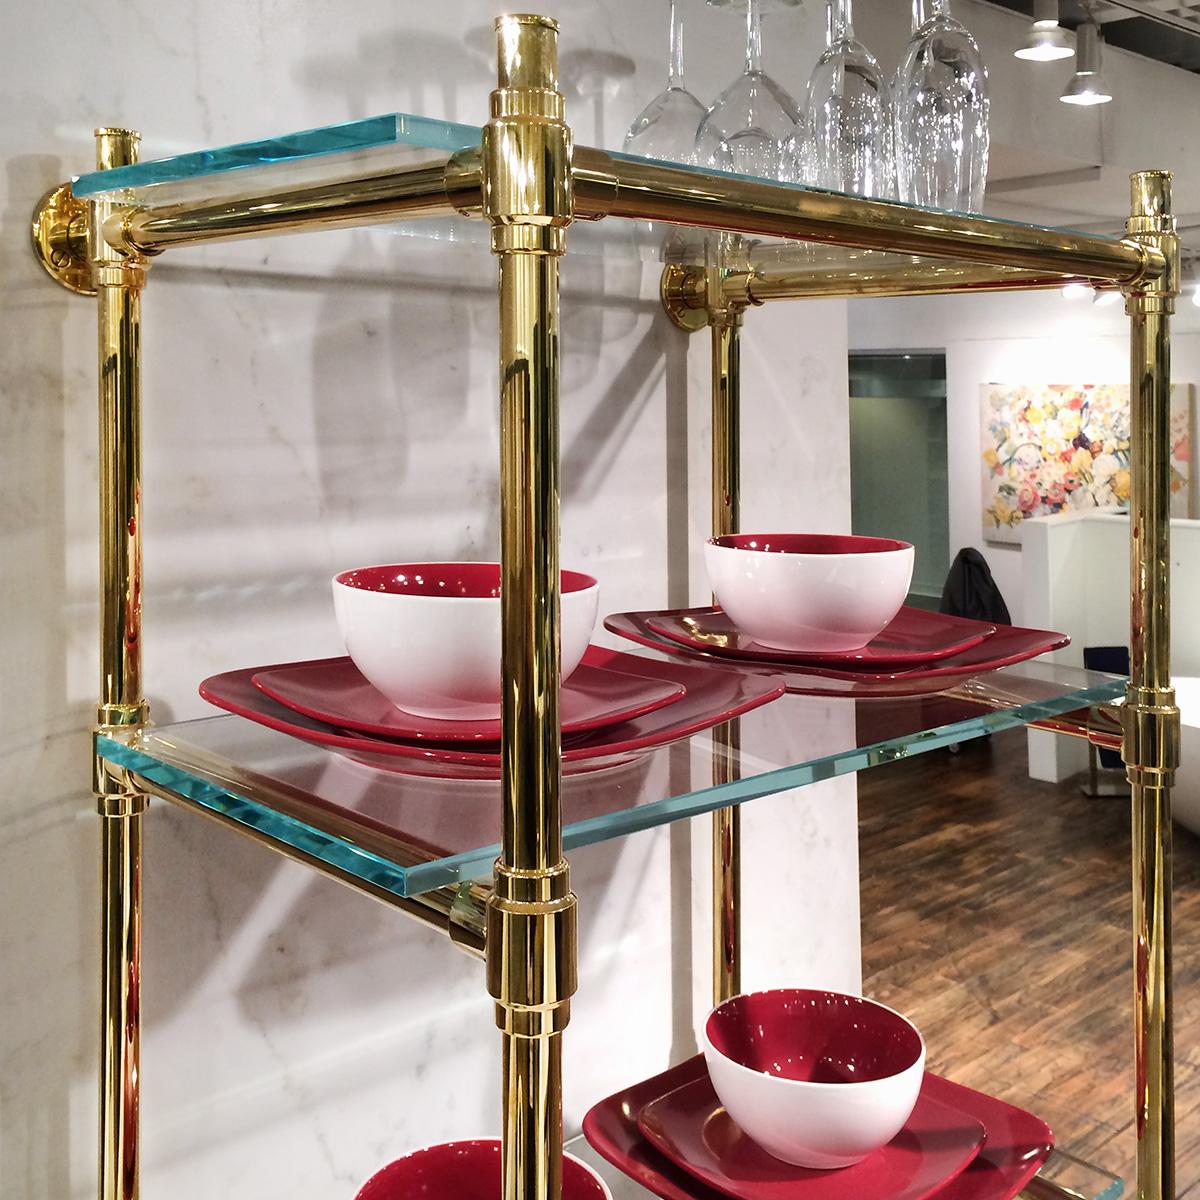 1200-Studio-Style-Counter-Mount-Shelf